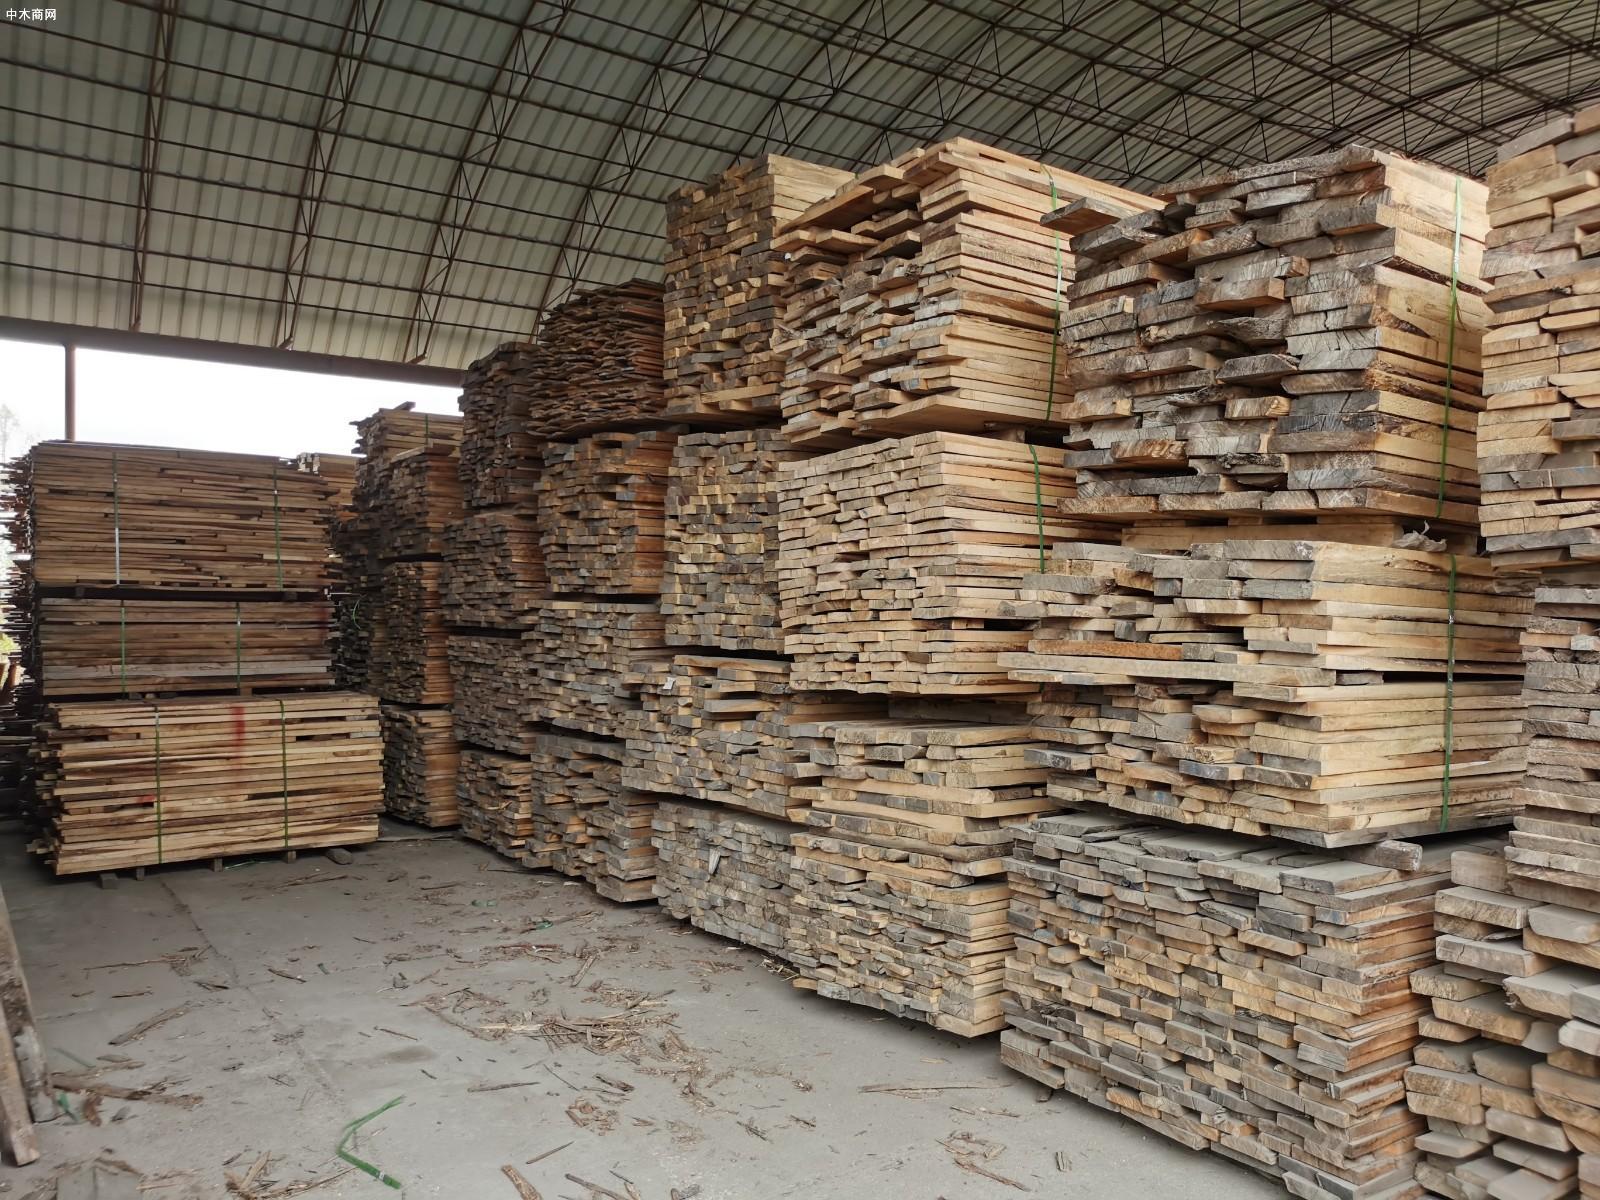 江西丰城市开展建材行业专项整治行动